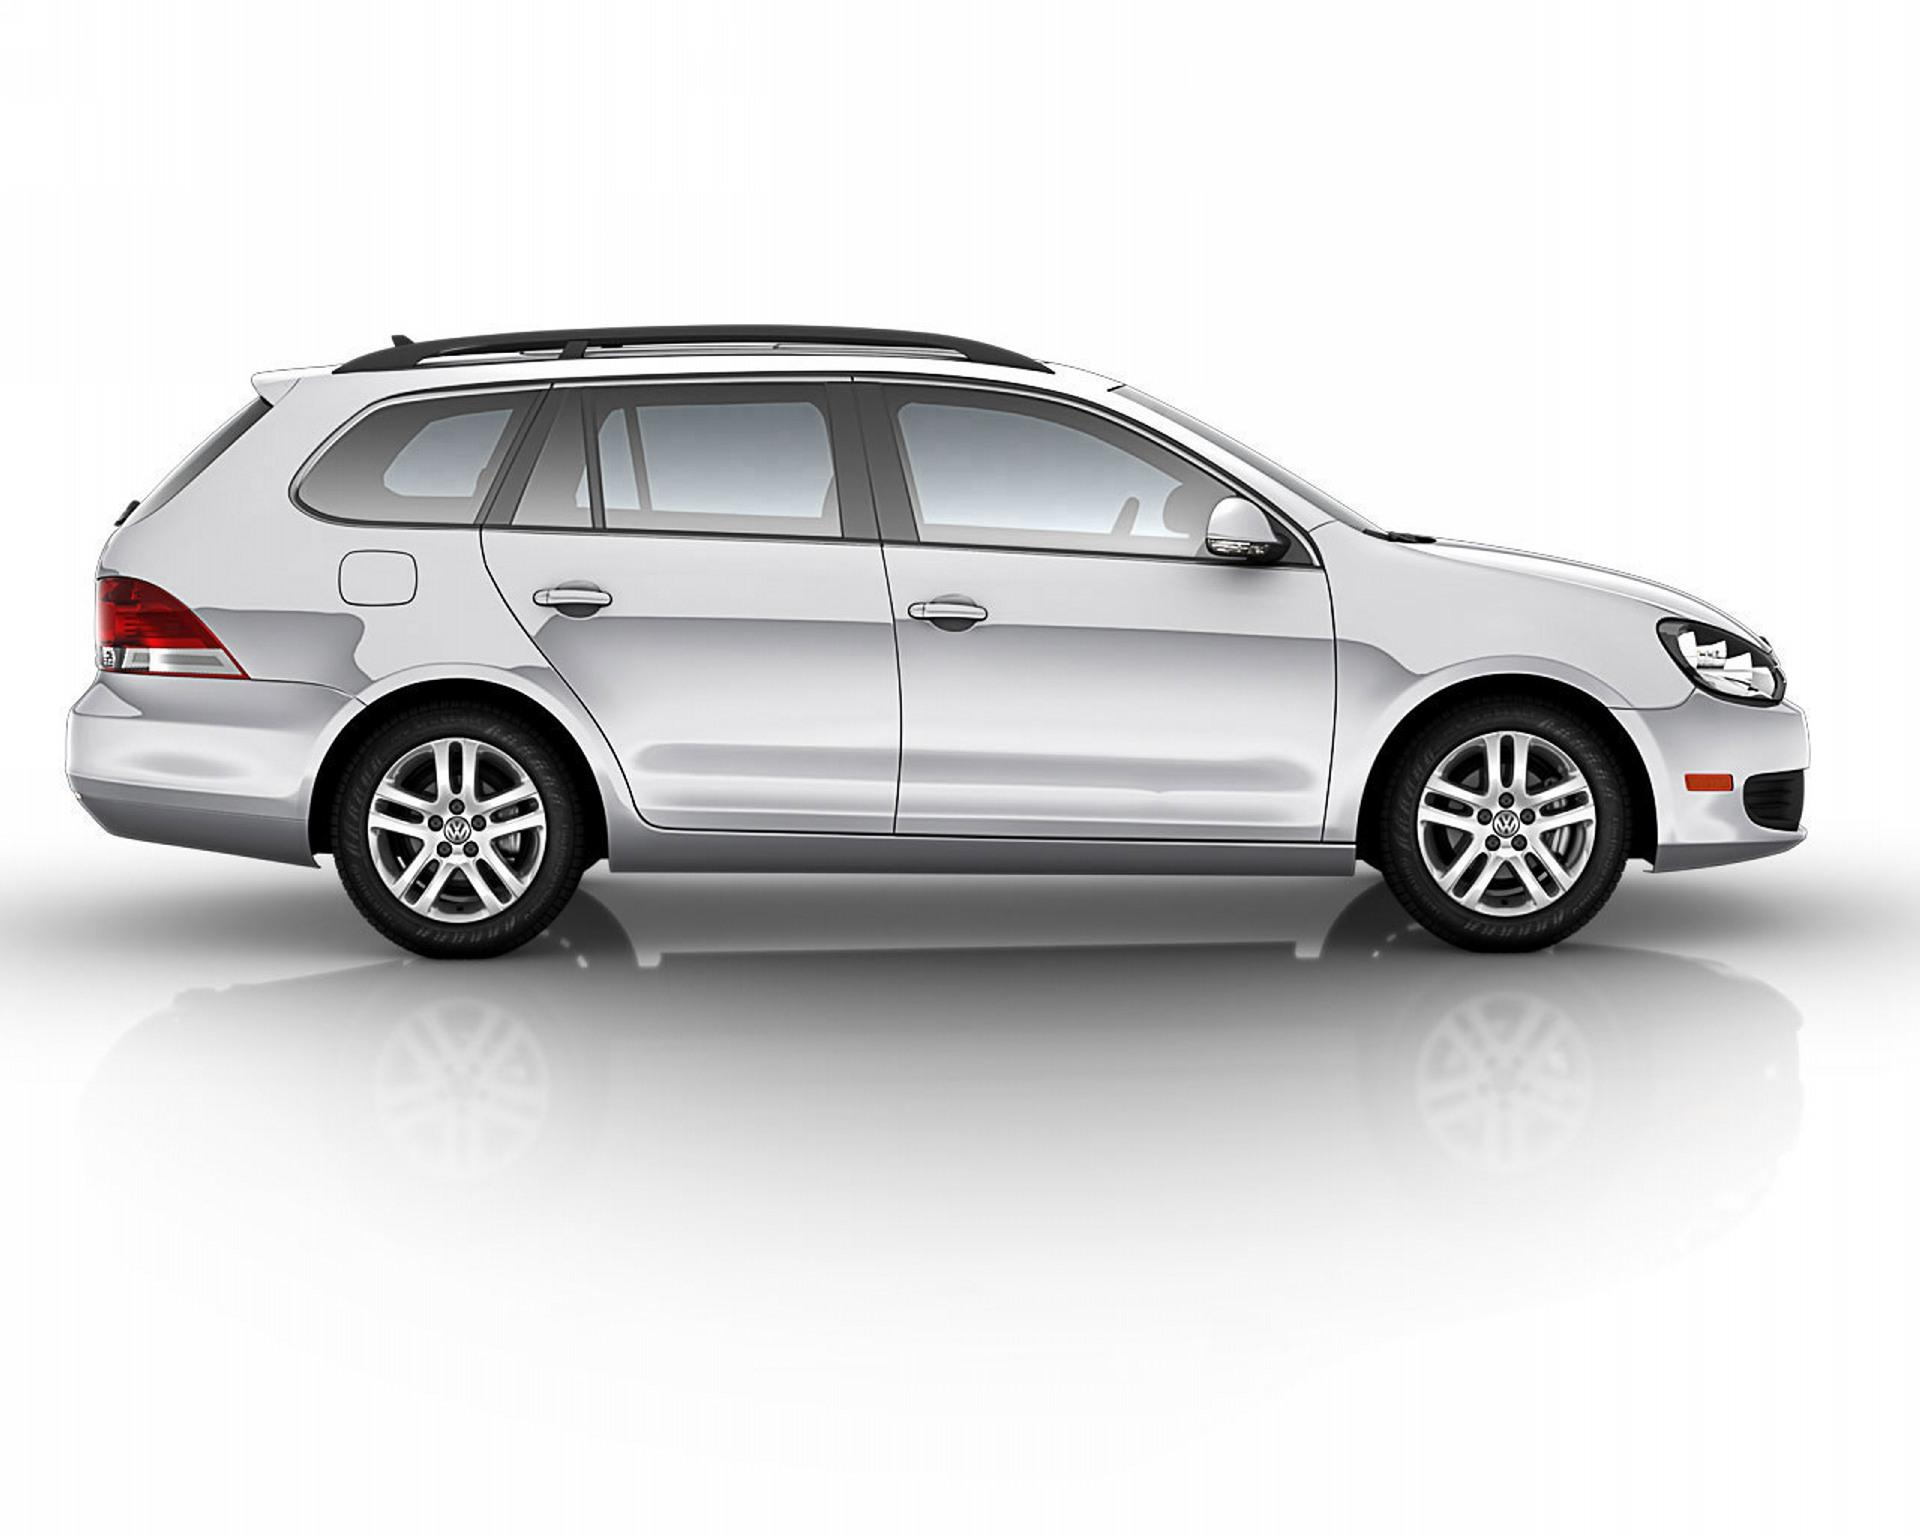 2011 Volkswagen Jetta News And Information Conceptcarz Com